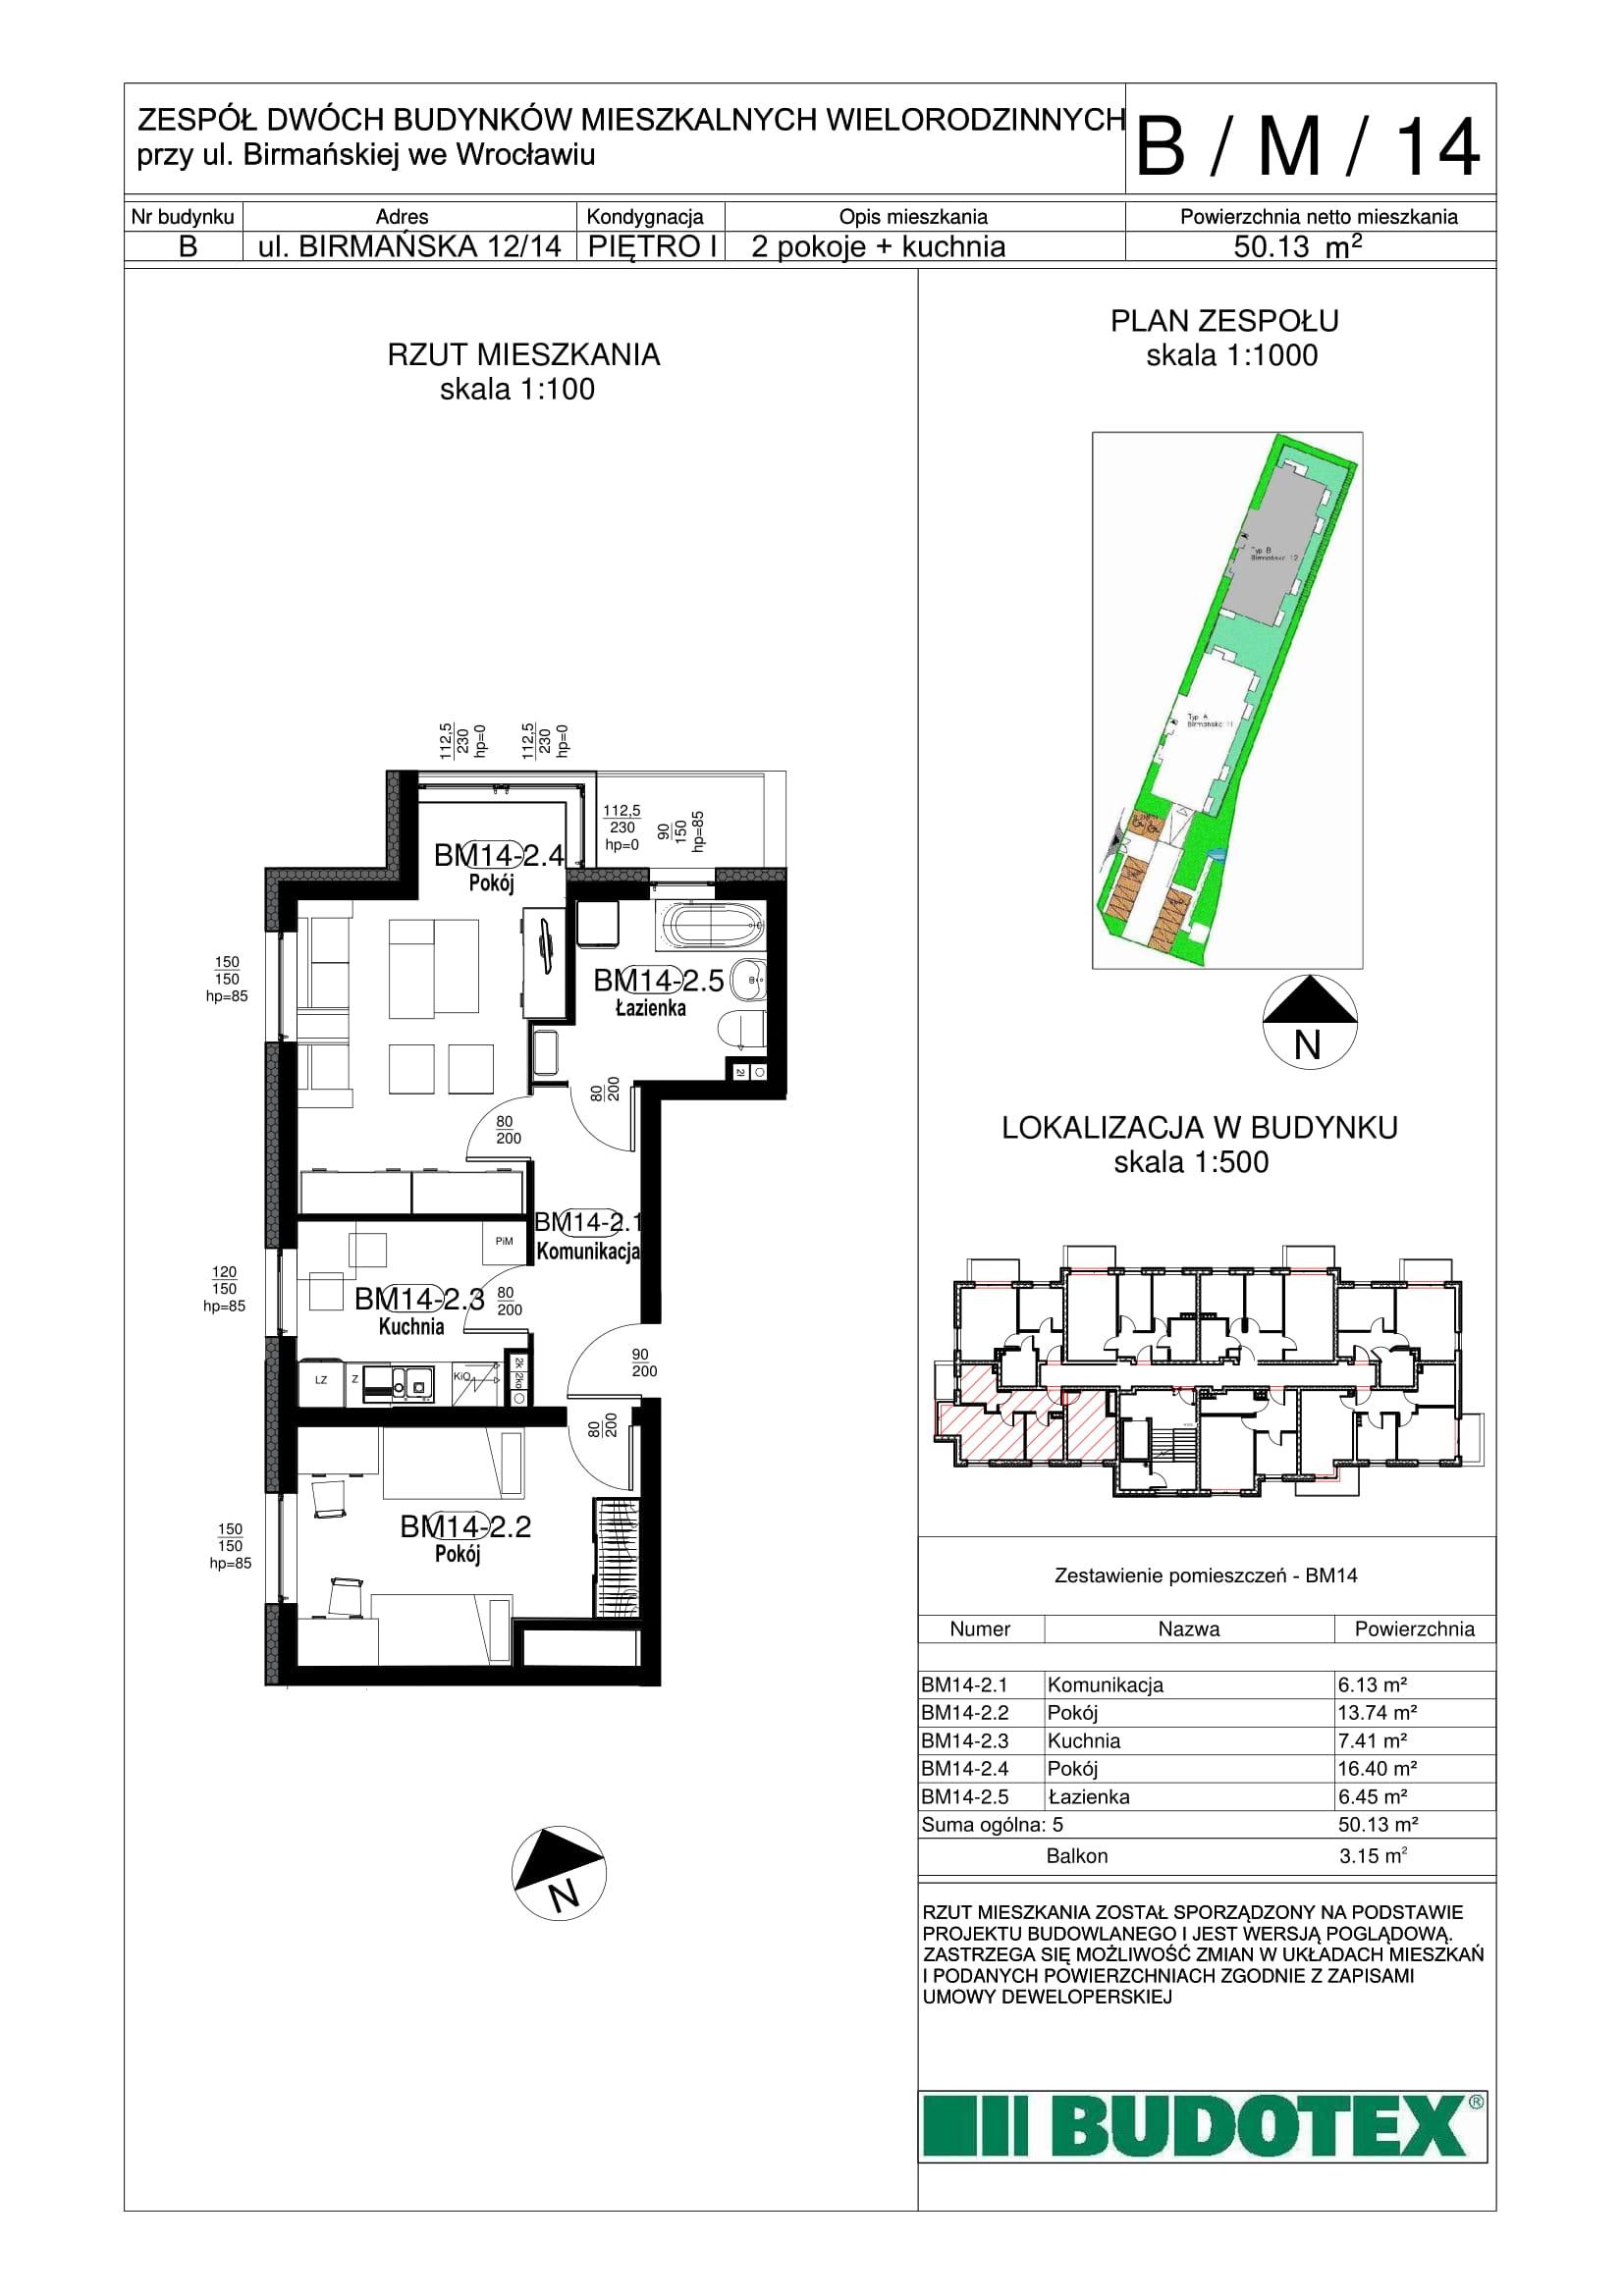 Mieszkanie nr B/M/14